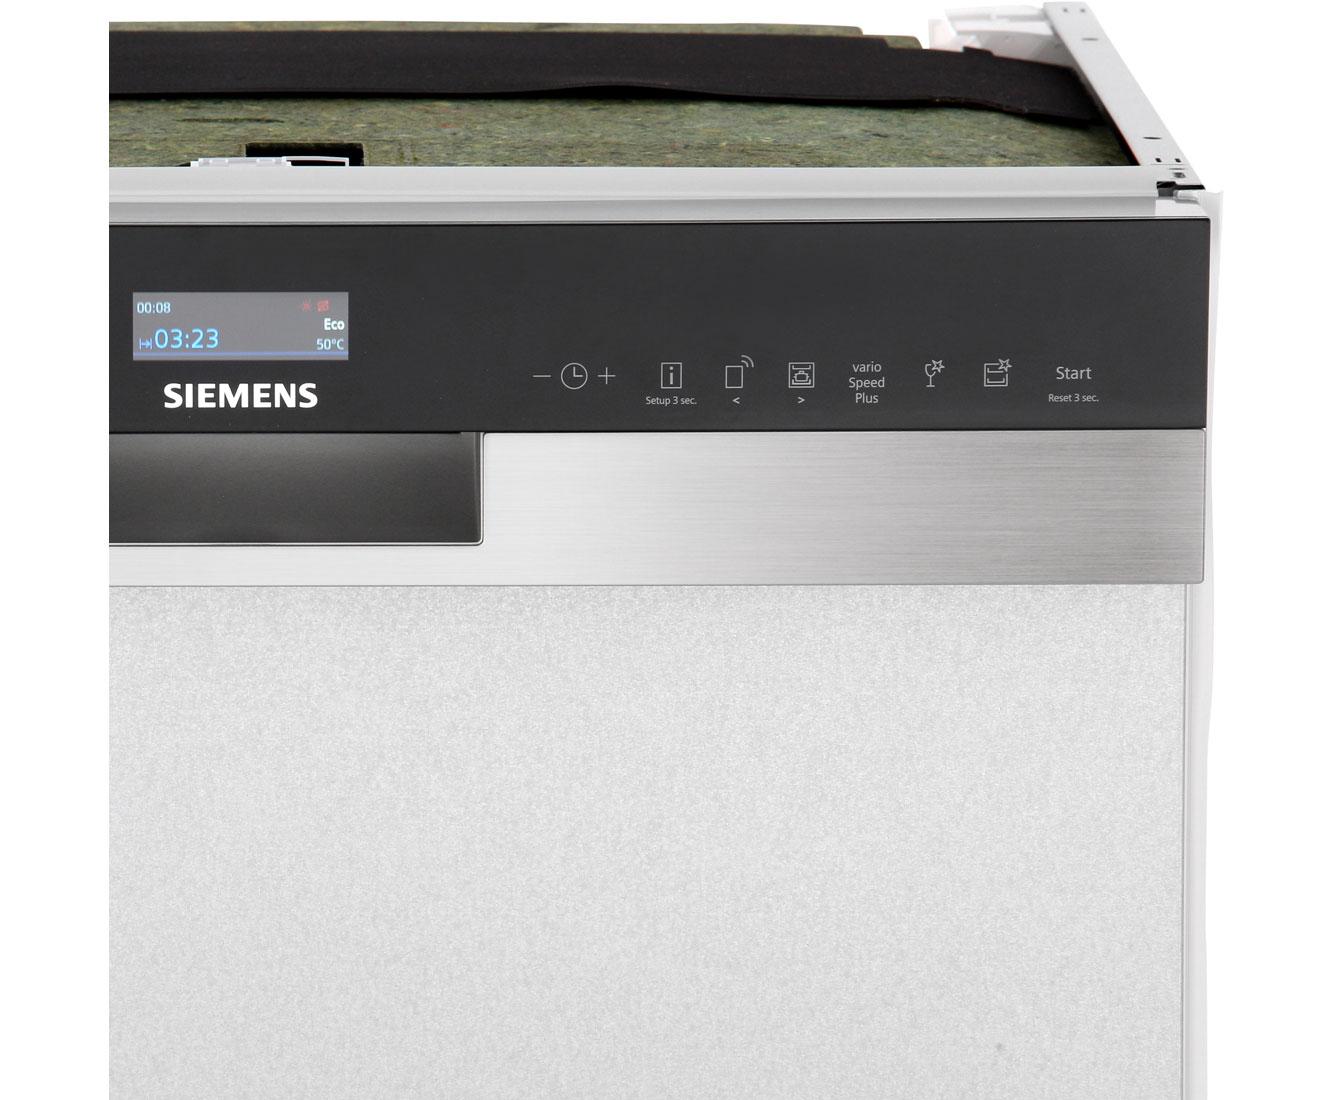 Siemens dunstabzugshaube reinigung zurücksetzen dunstabzugshaube